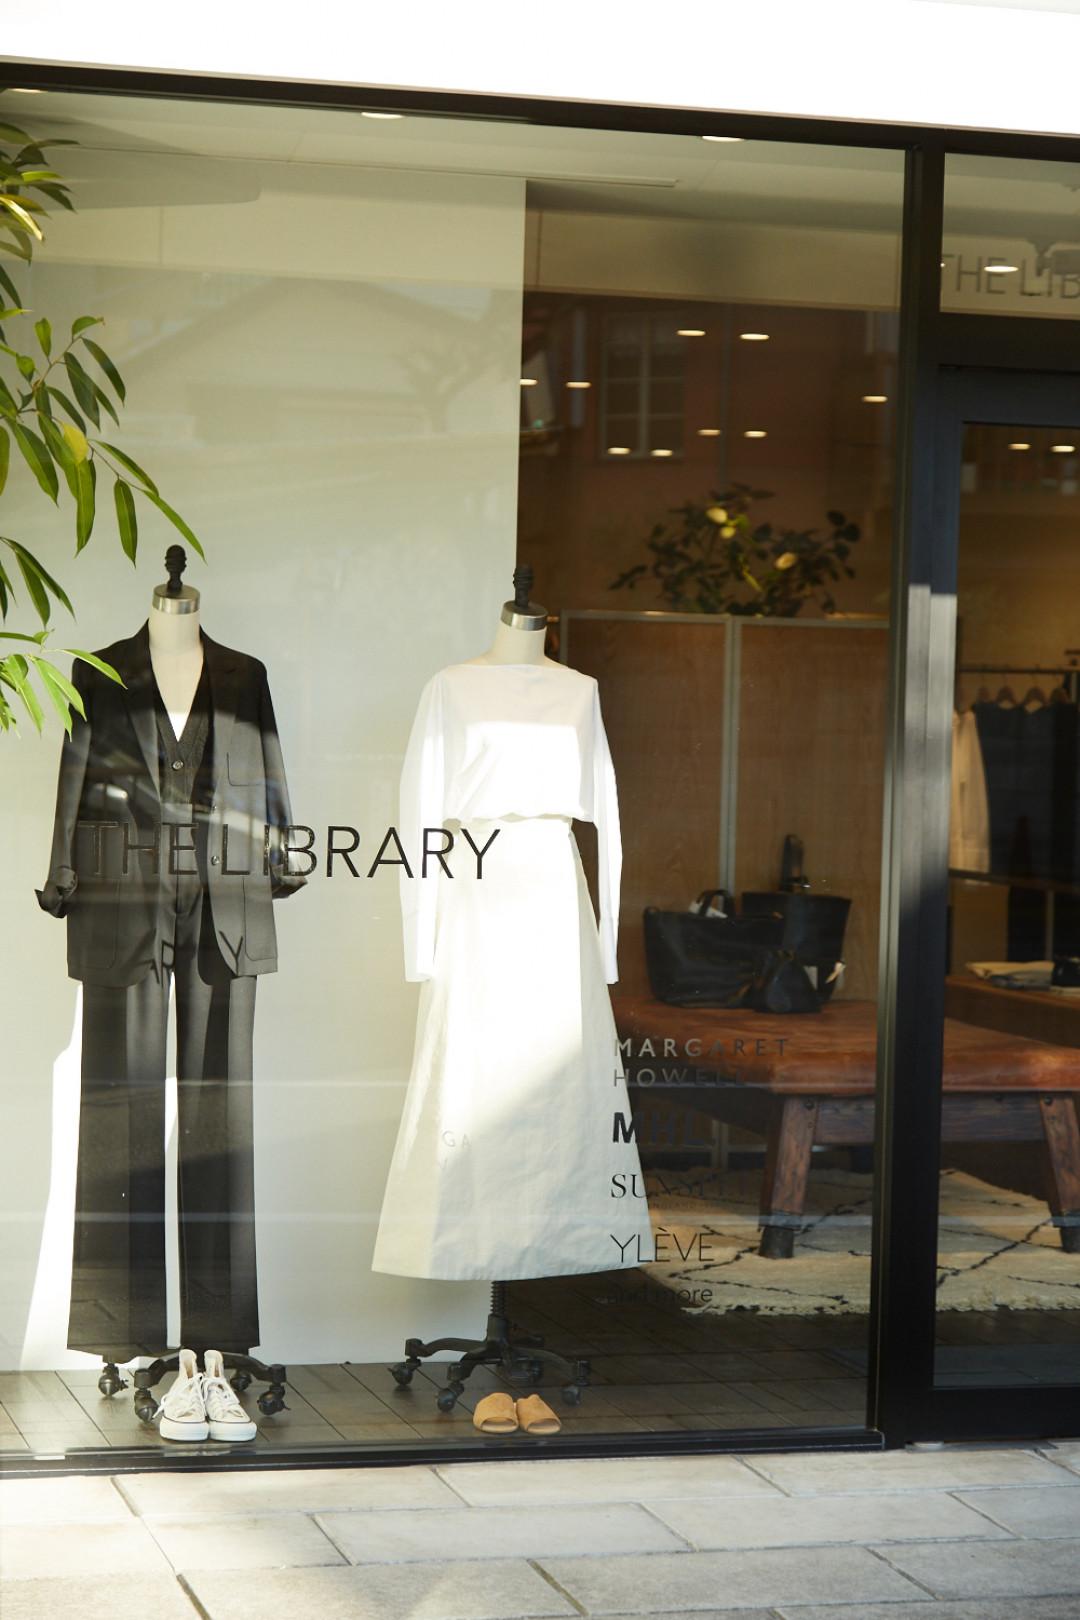 ファッション、ライフスタイルアイテム、書籍などがそろう新セレクトショップ、ザ ライブラリーが今春オープン!